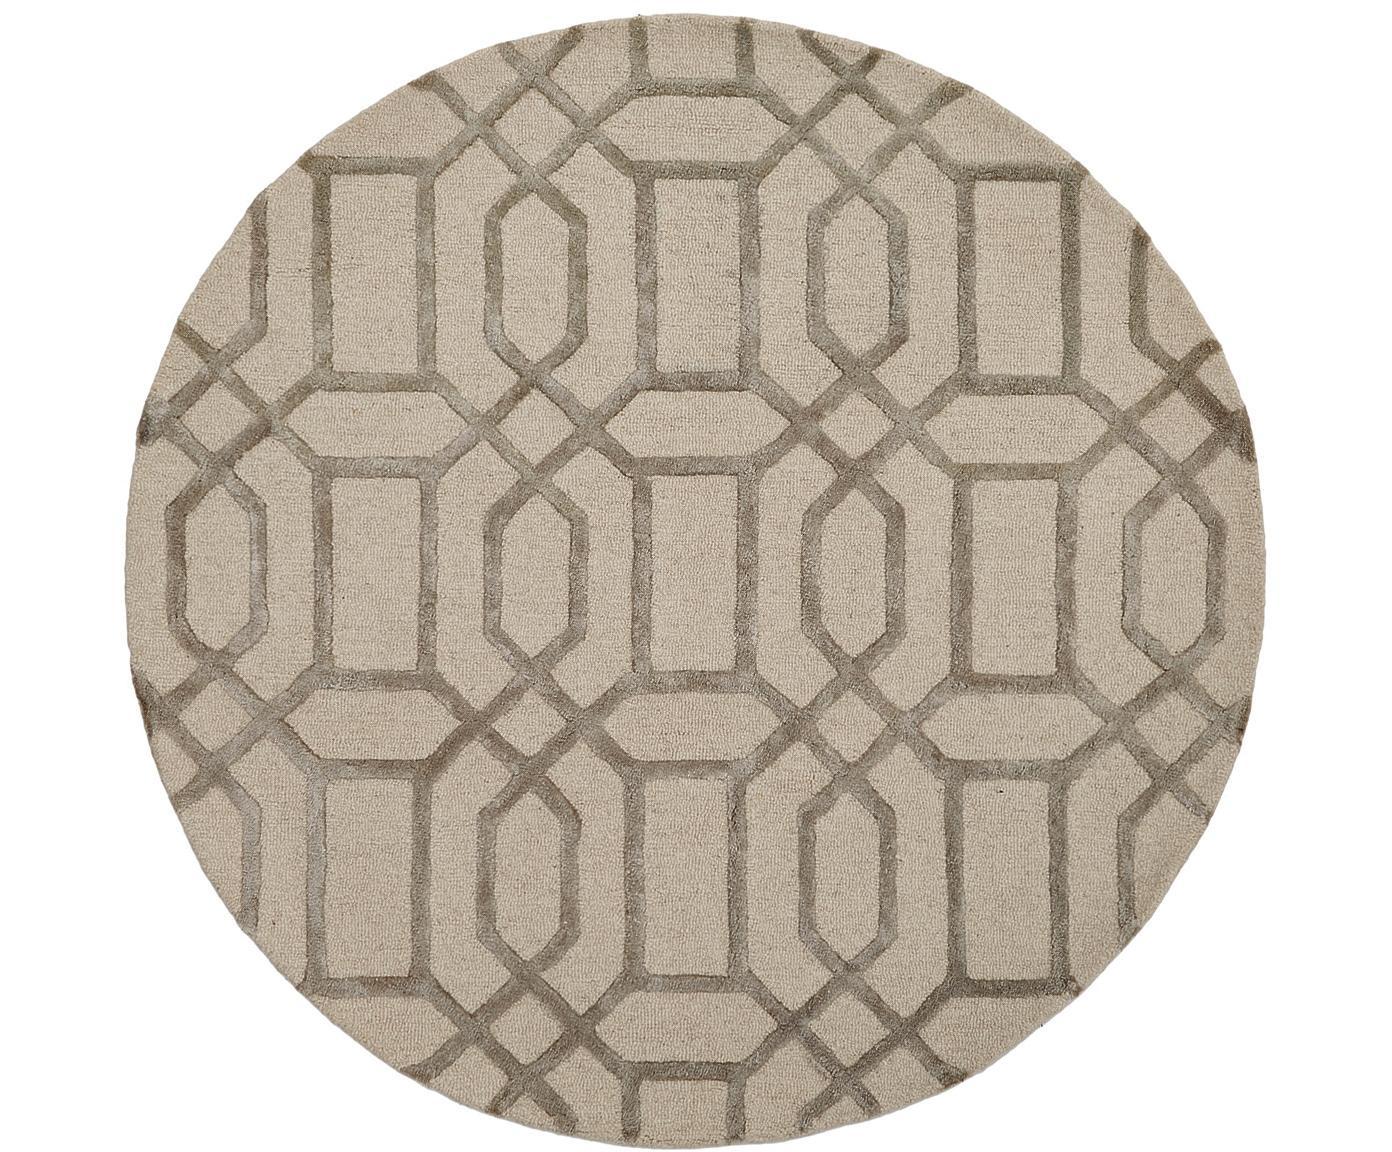 Tappeto rotondo in lana con motivo a rilievo Vegas, Retro: cotone, Beige, crema, Ø 150 cm (taglia M)